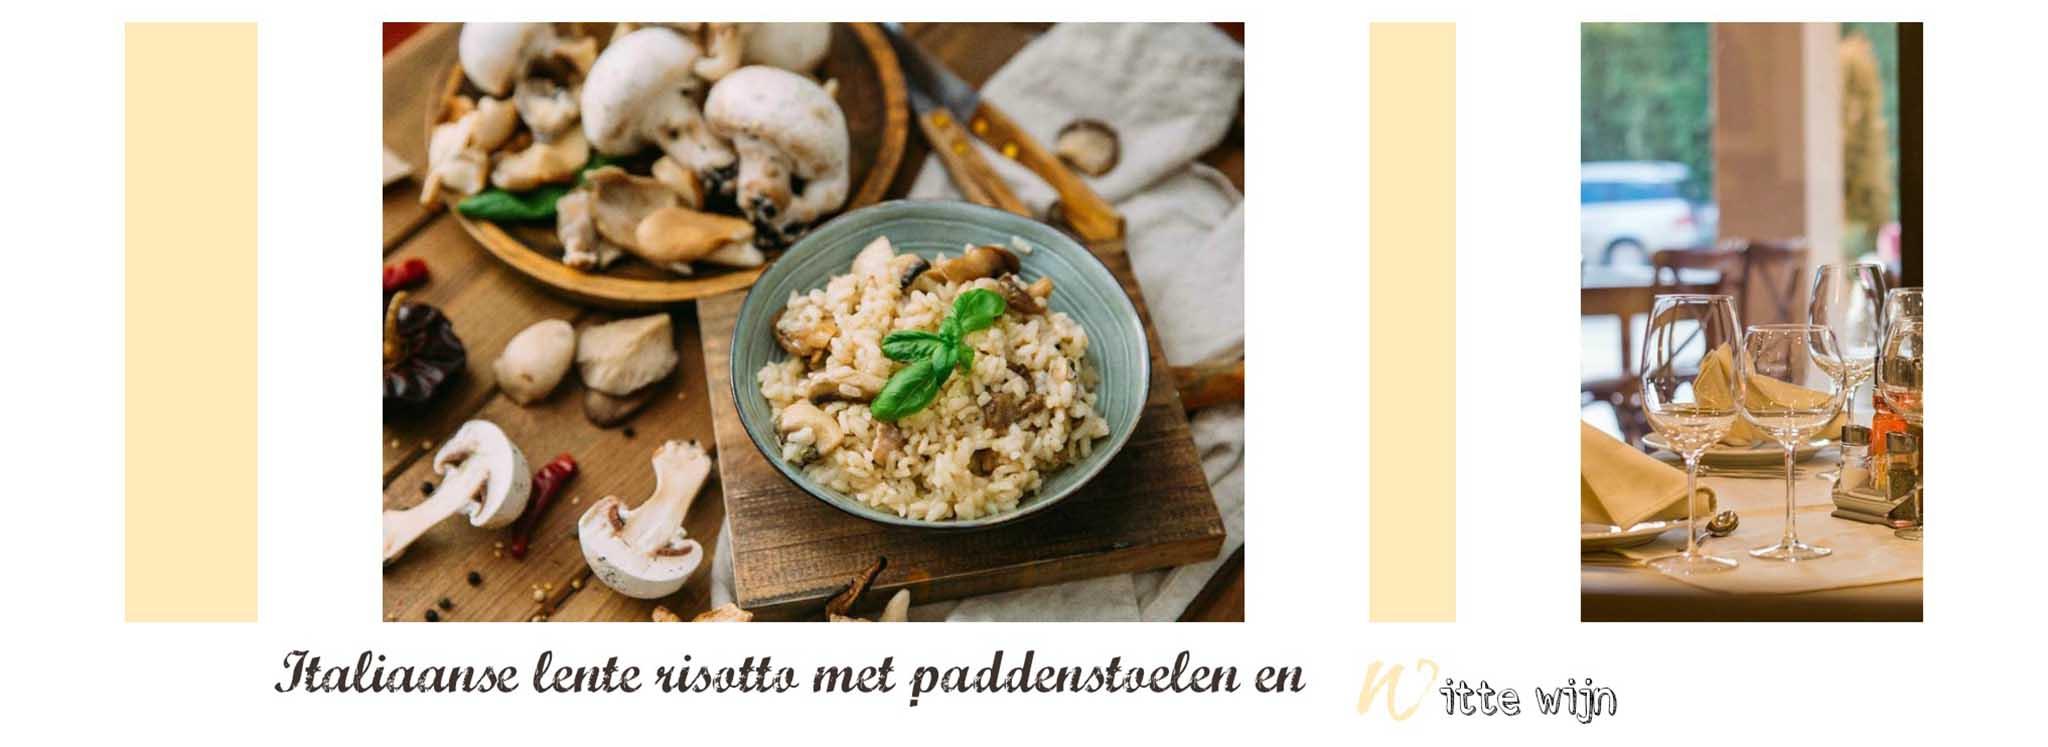 Gastblog van wijnvoordeel.nl Italiaanse lente risotto met paddenstoelen en witte wijn.